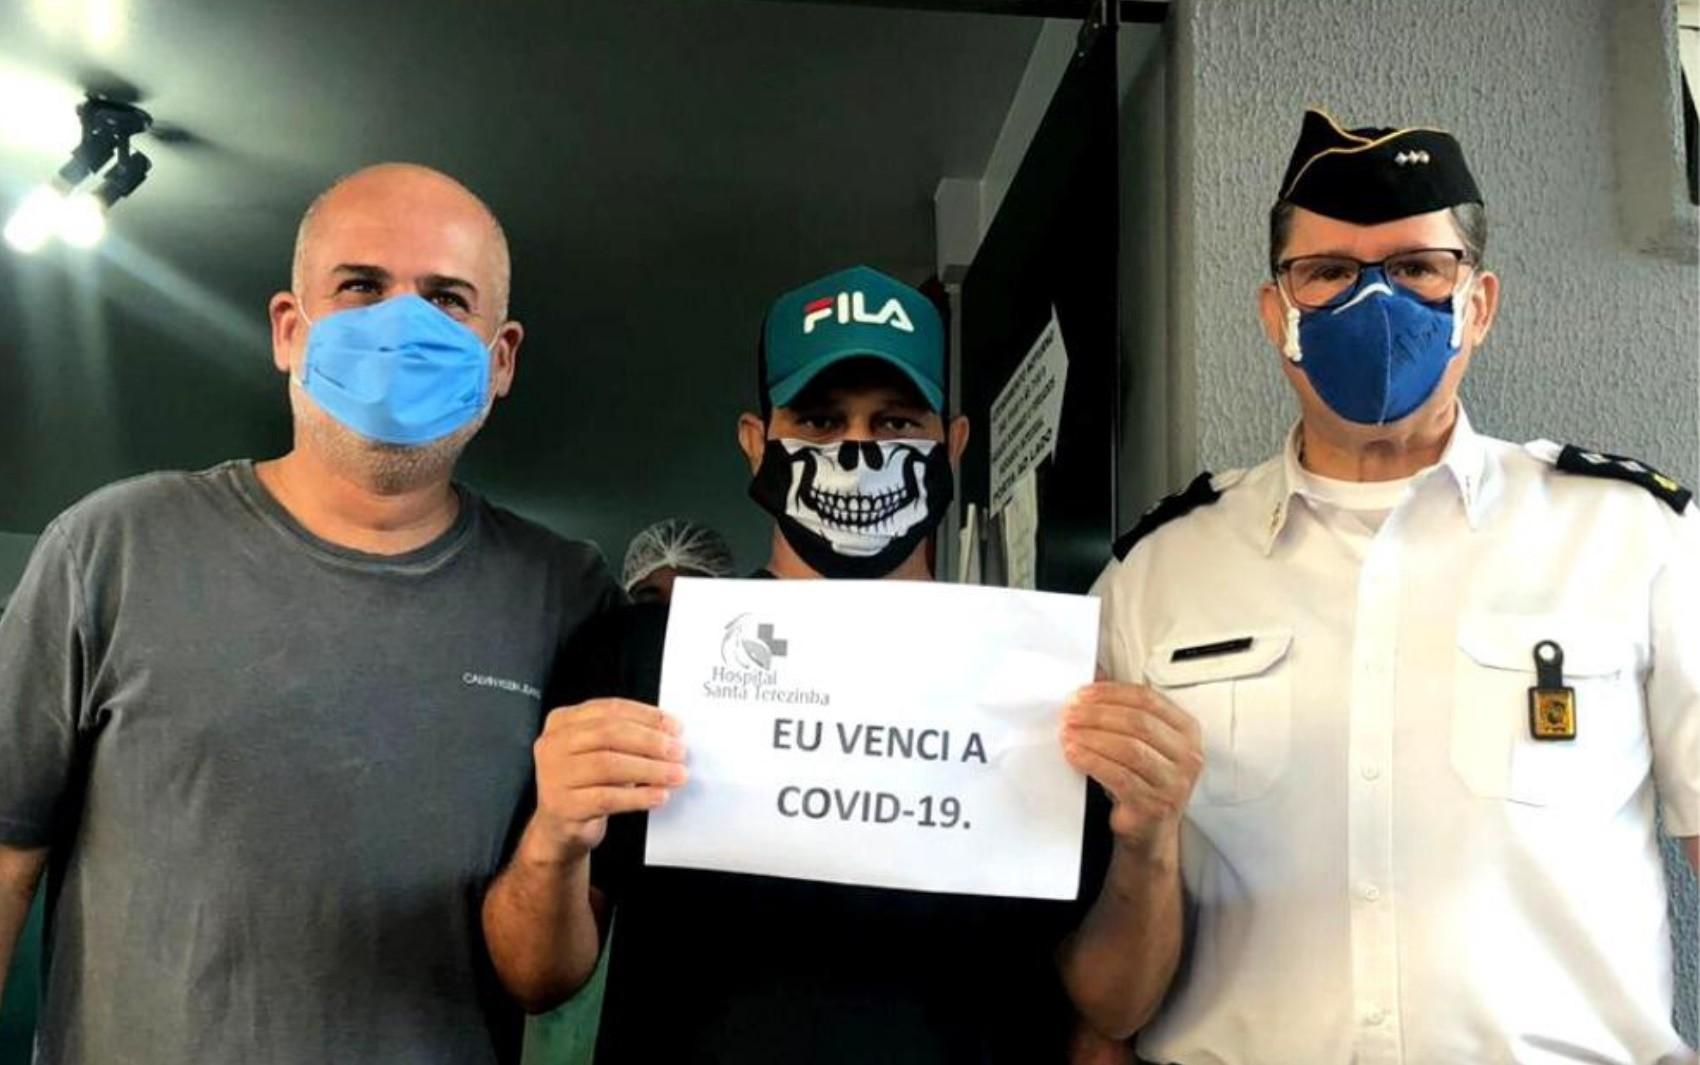 Coronel e soldado da PM recebem homenagem após lutarem contra Covid-19 e receberam alta de hospital em Rio Verde; vídeo